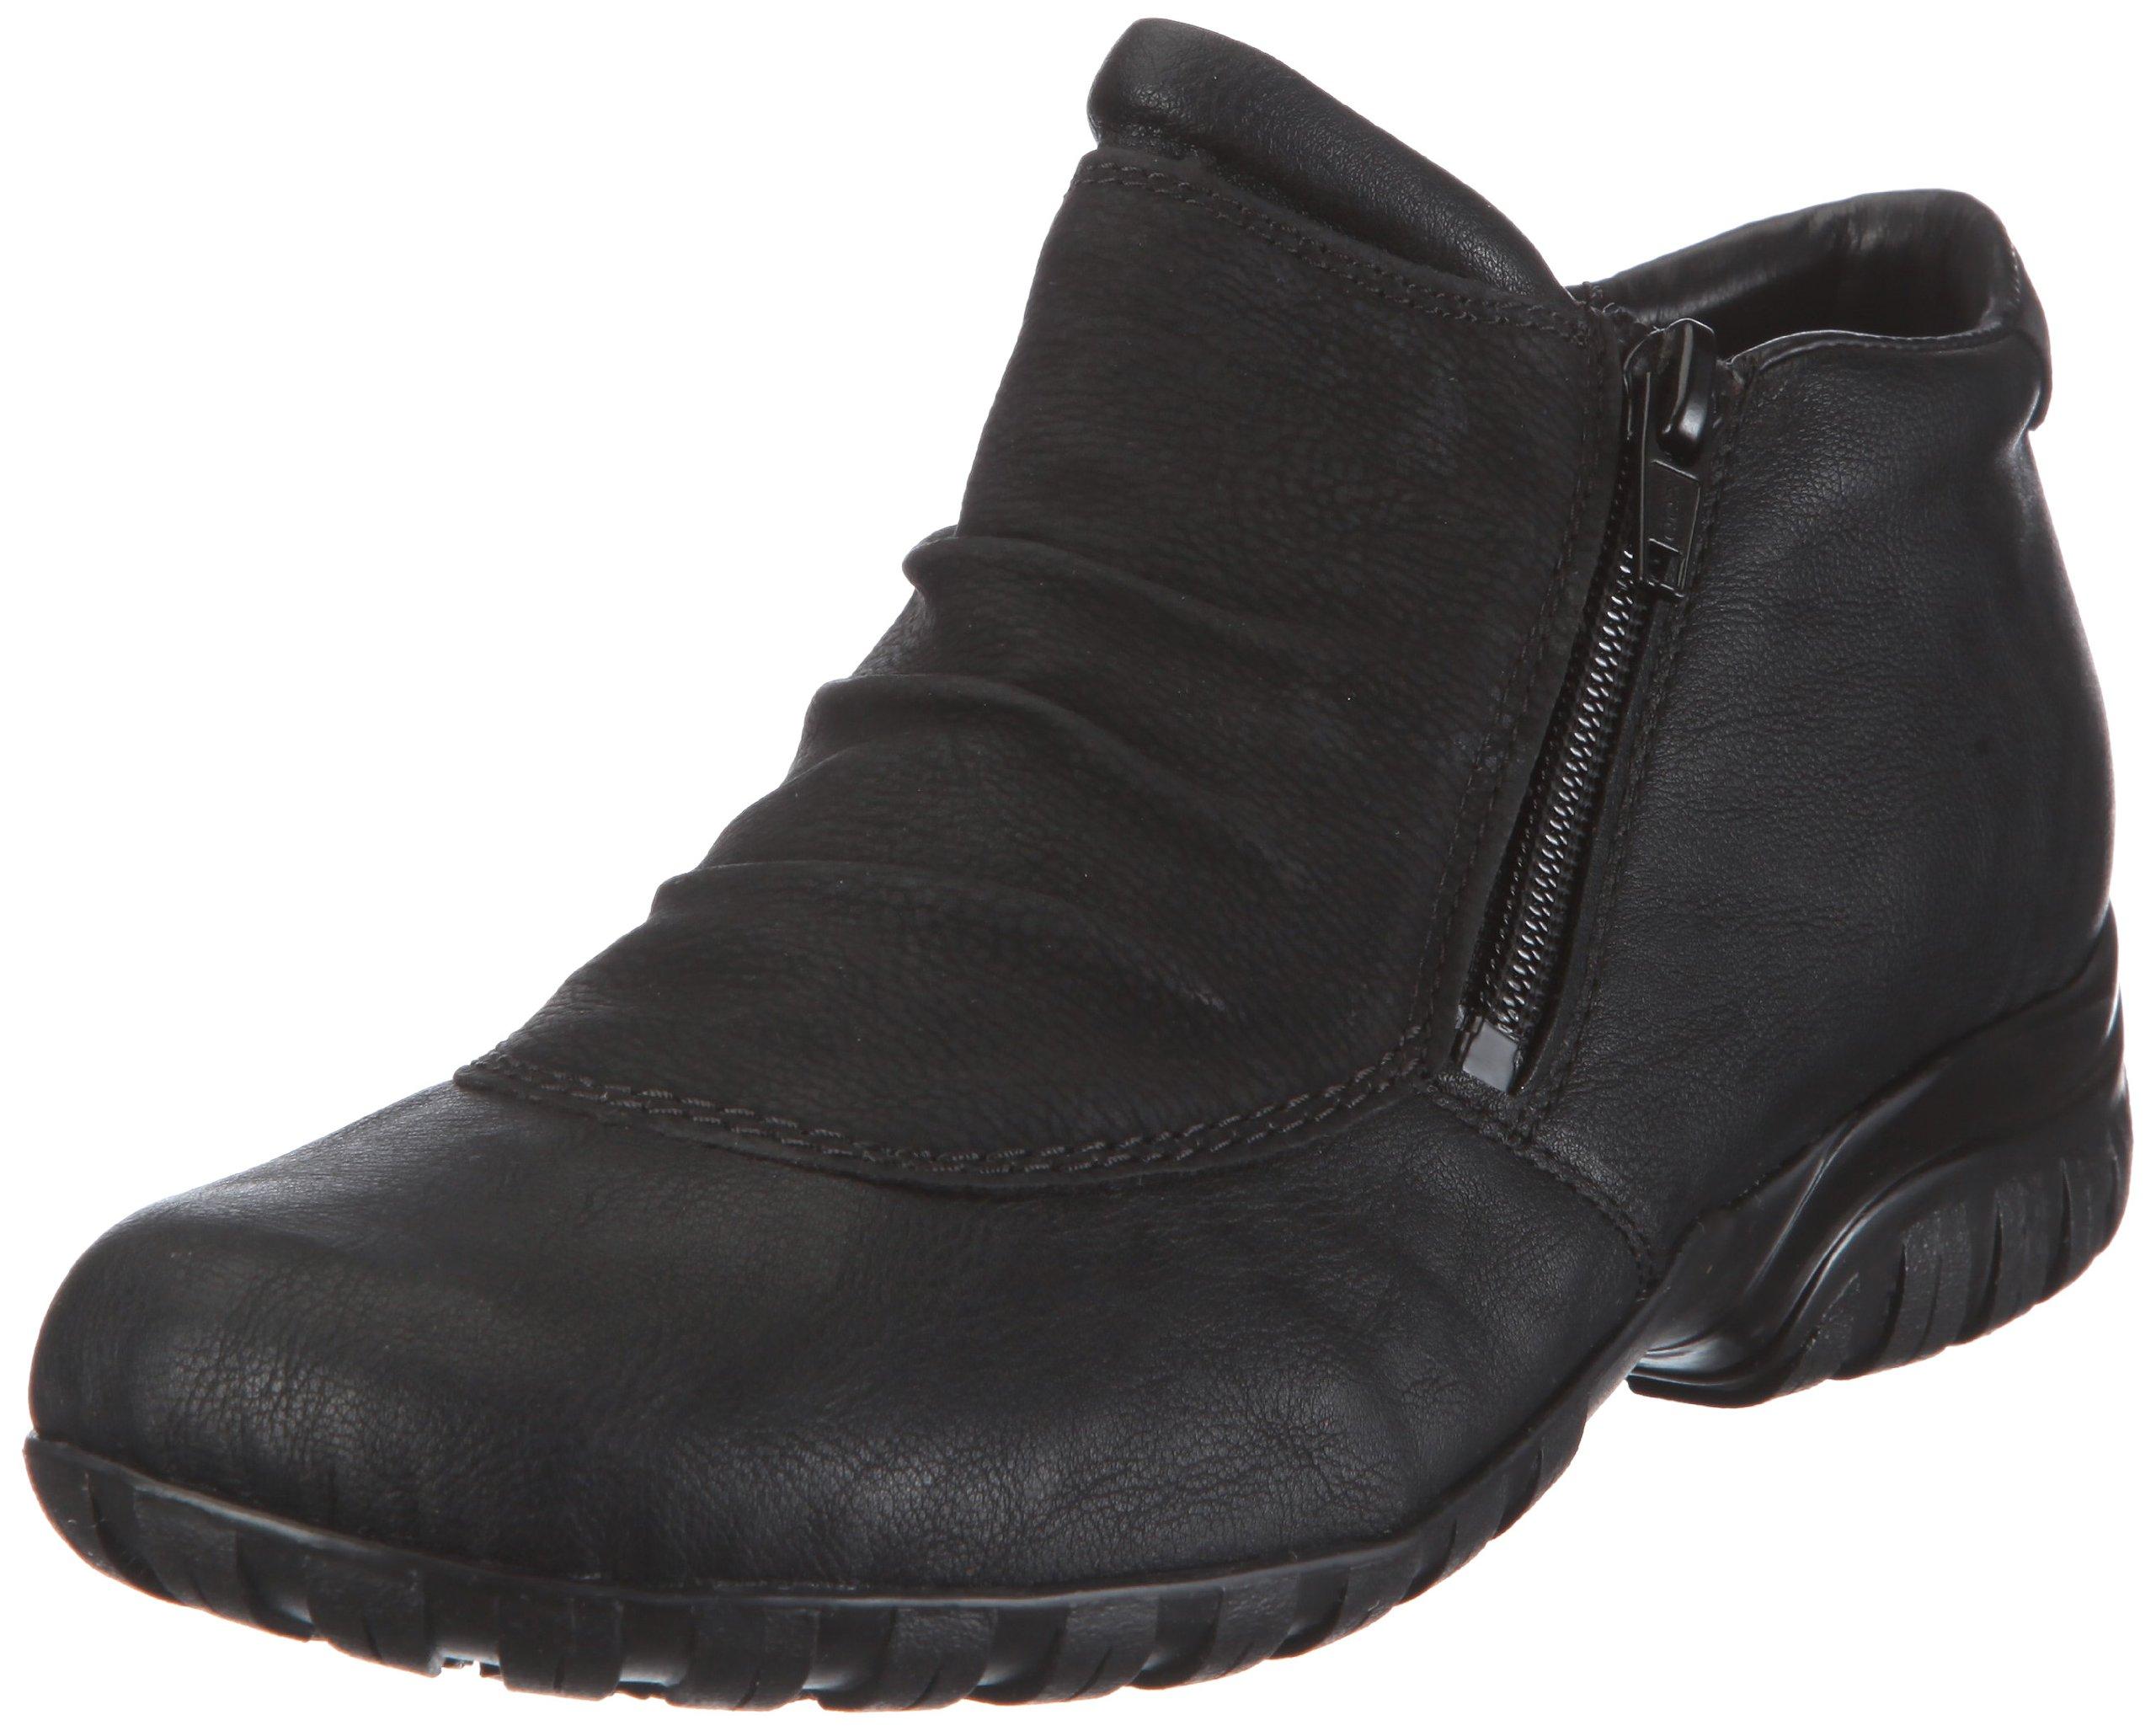 Rieker womens Ankle boots black size 39.0 EU